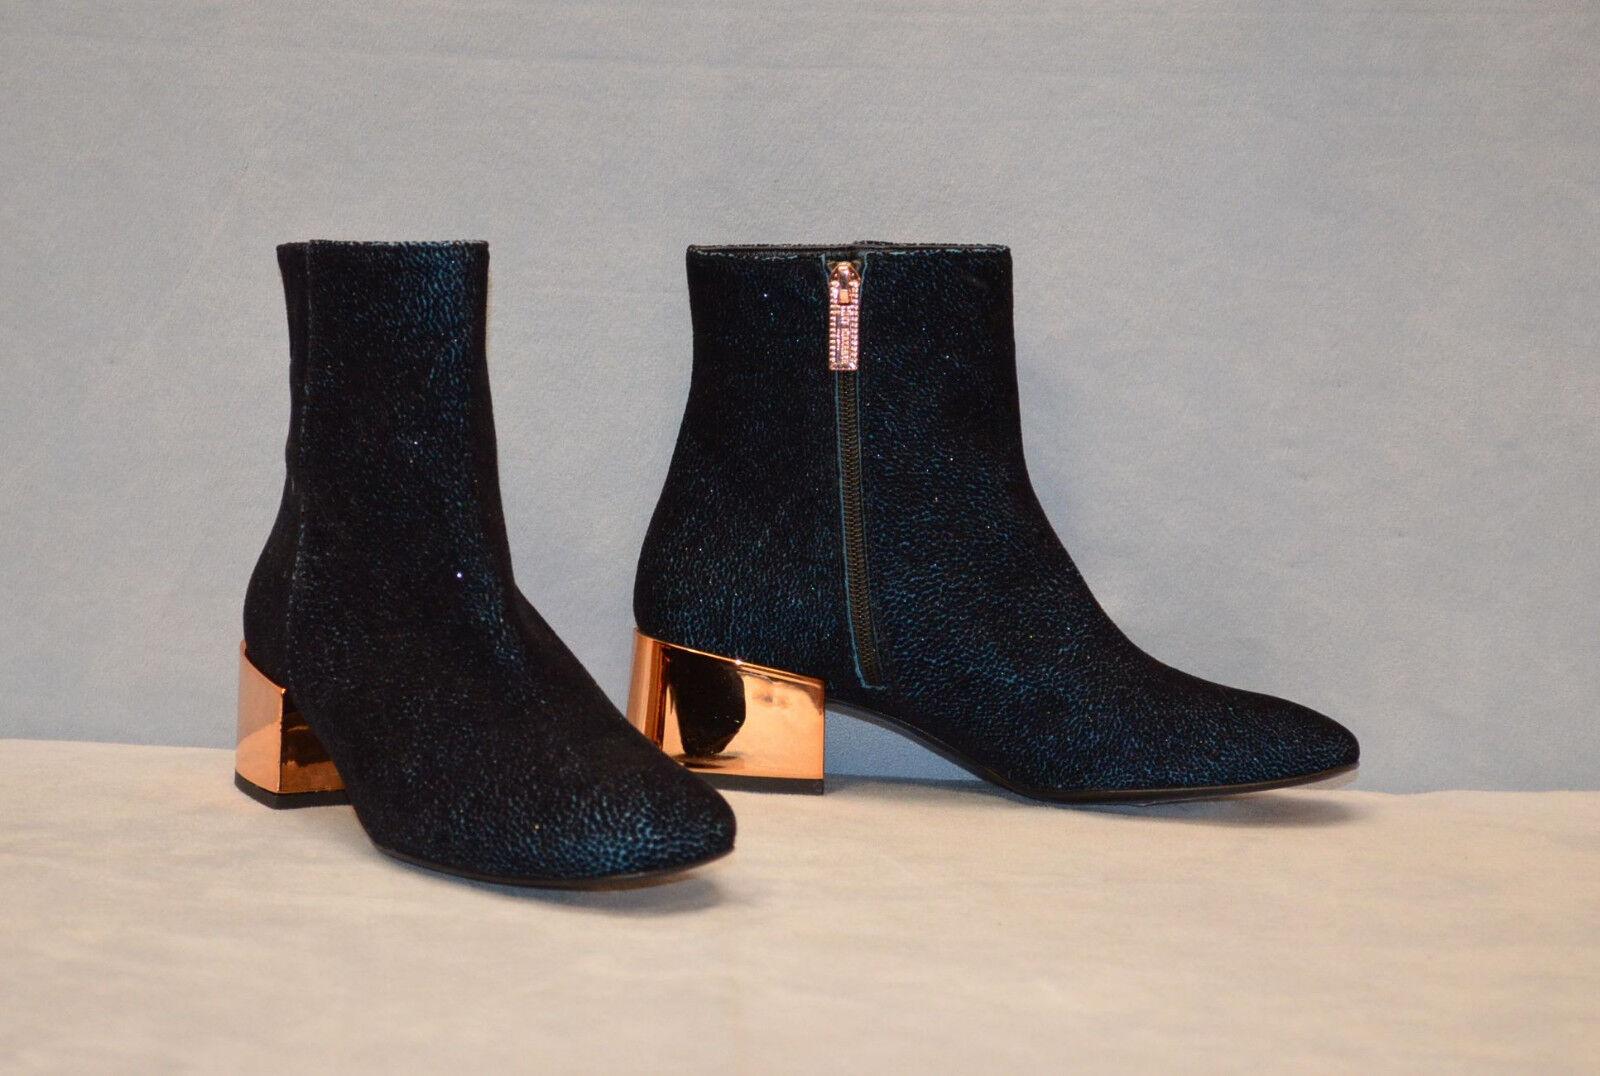 D0 NEW IVY KIRZHNER Ringo Metallic Block Heel Ankle Stiefel schuhe Größe 37.5  595